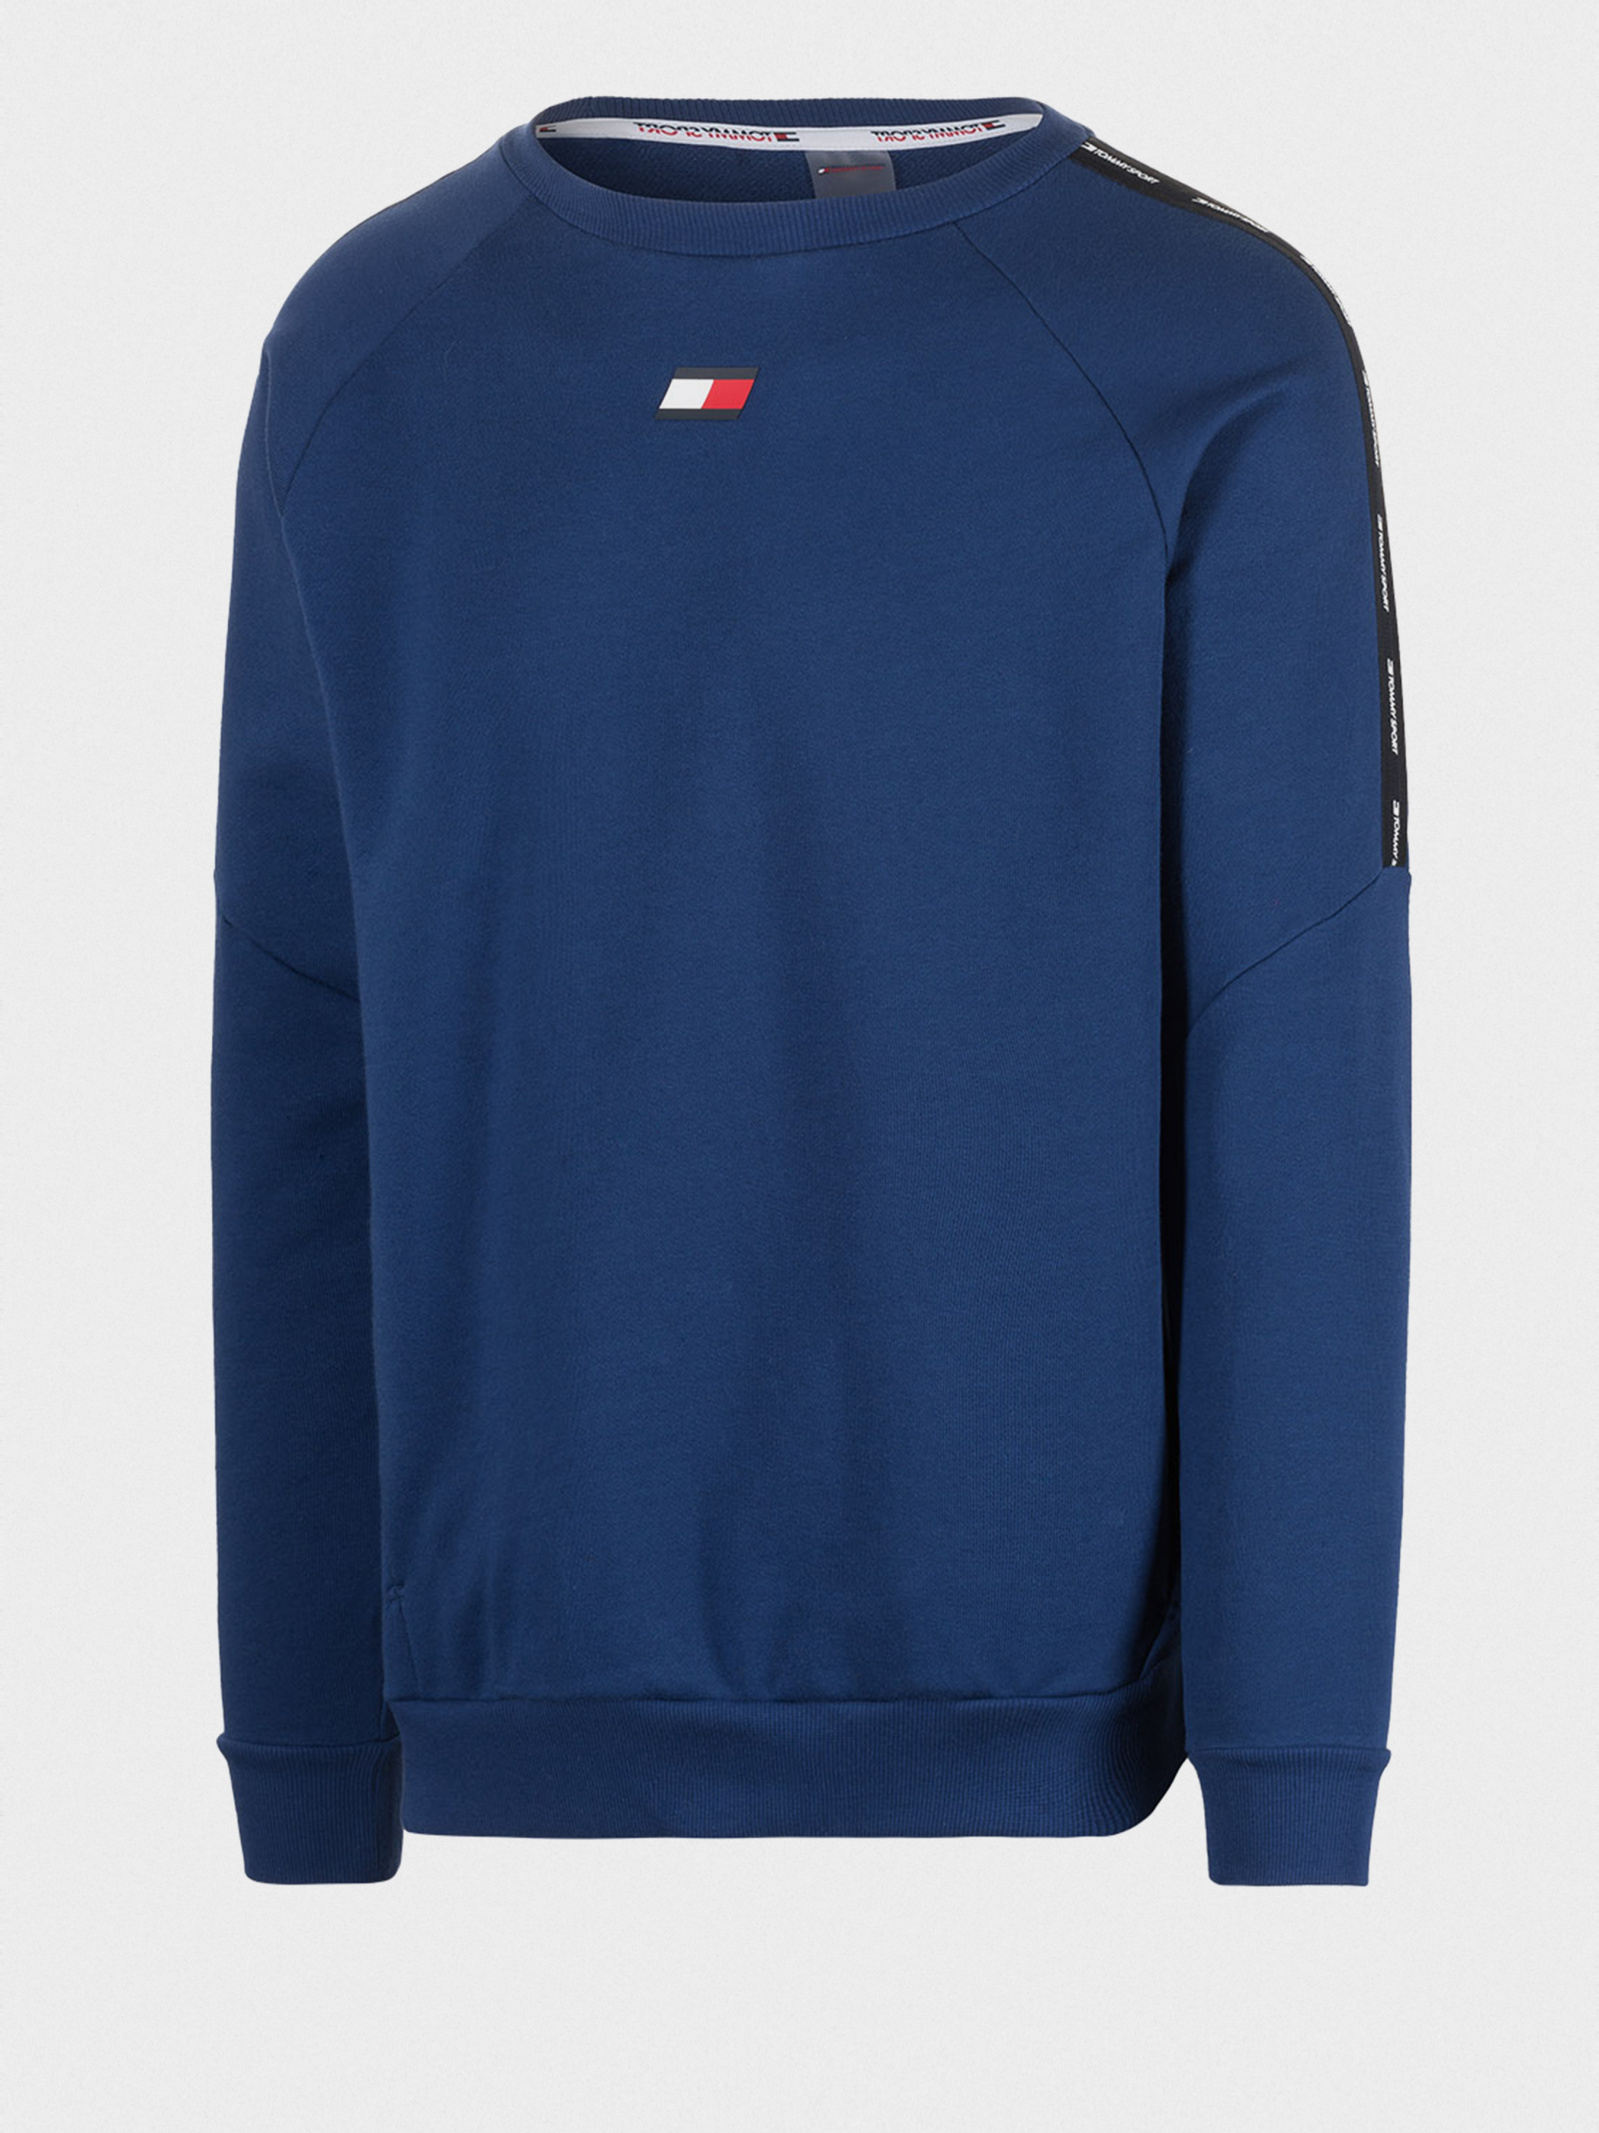 Tommy Hilfiger Кофти та светри чоловічі модель S20S200371-C7H ціна, 2017